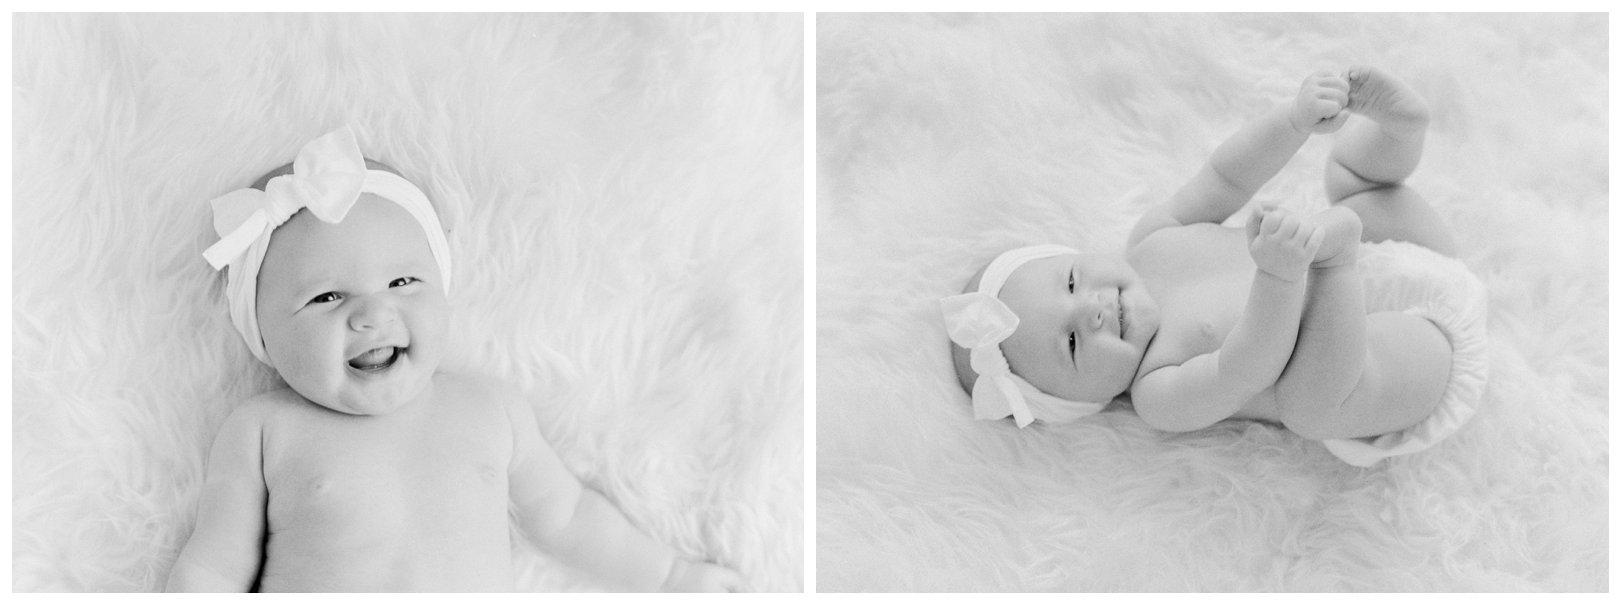 lauren muckler photography_fine art film wedding photography_st louis_photography_1900.jpg